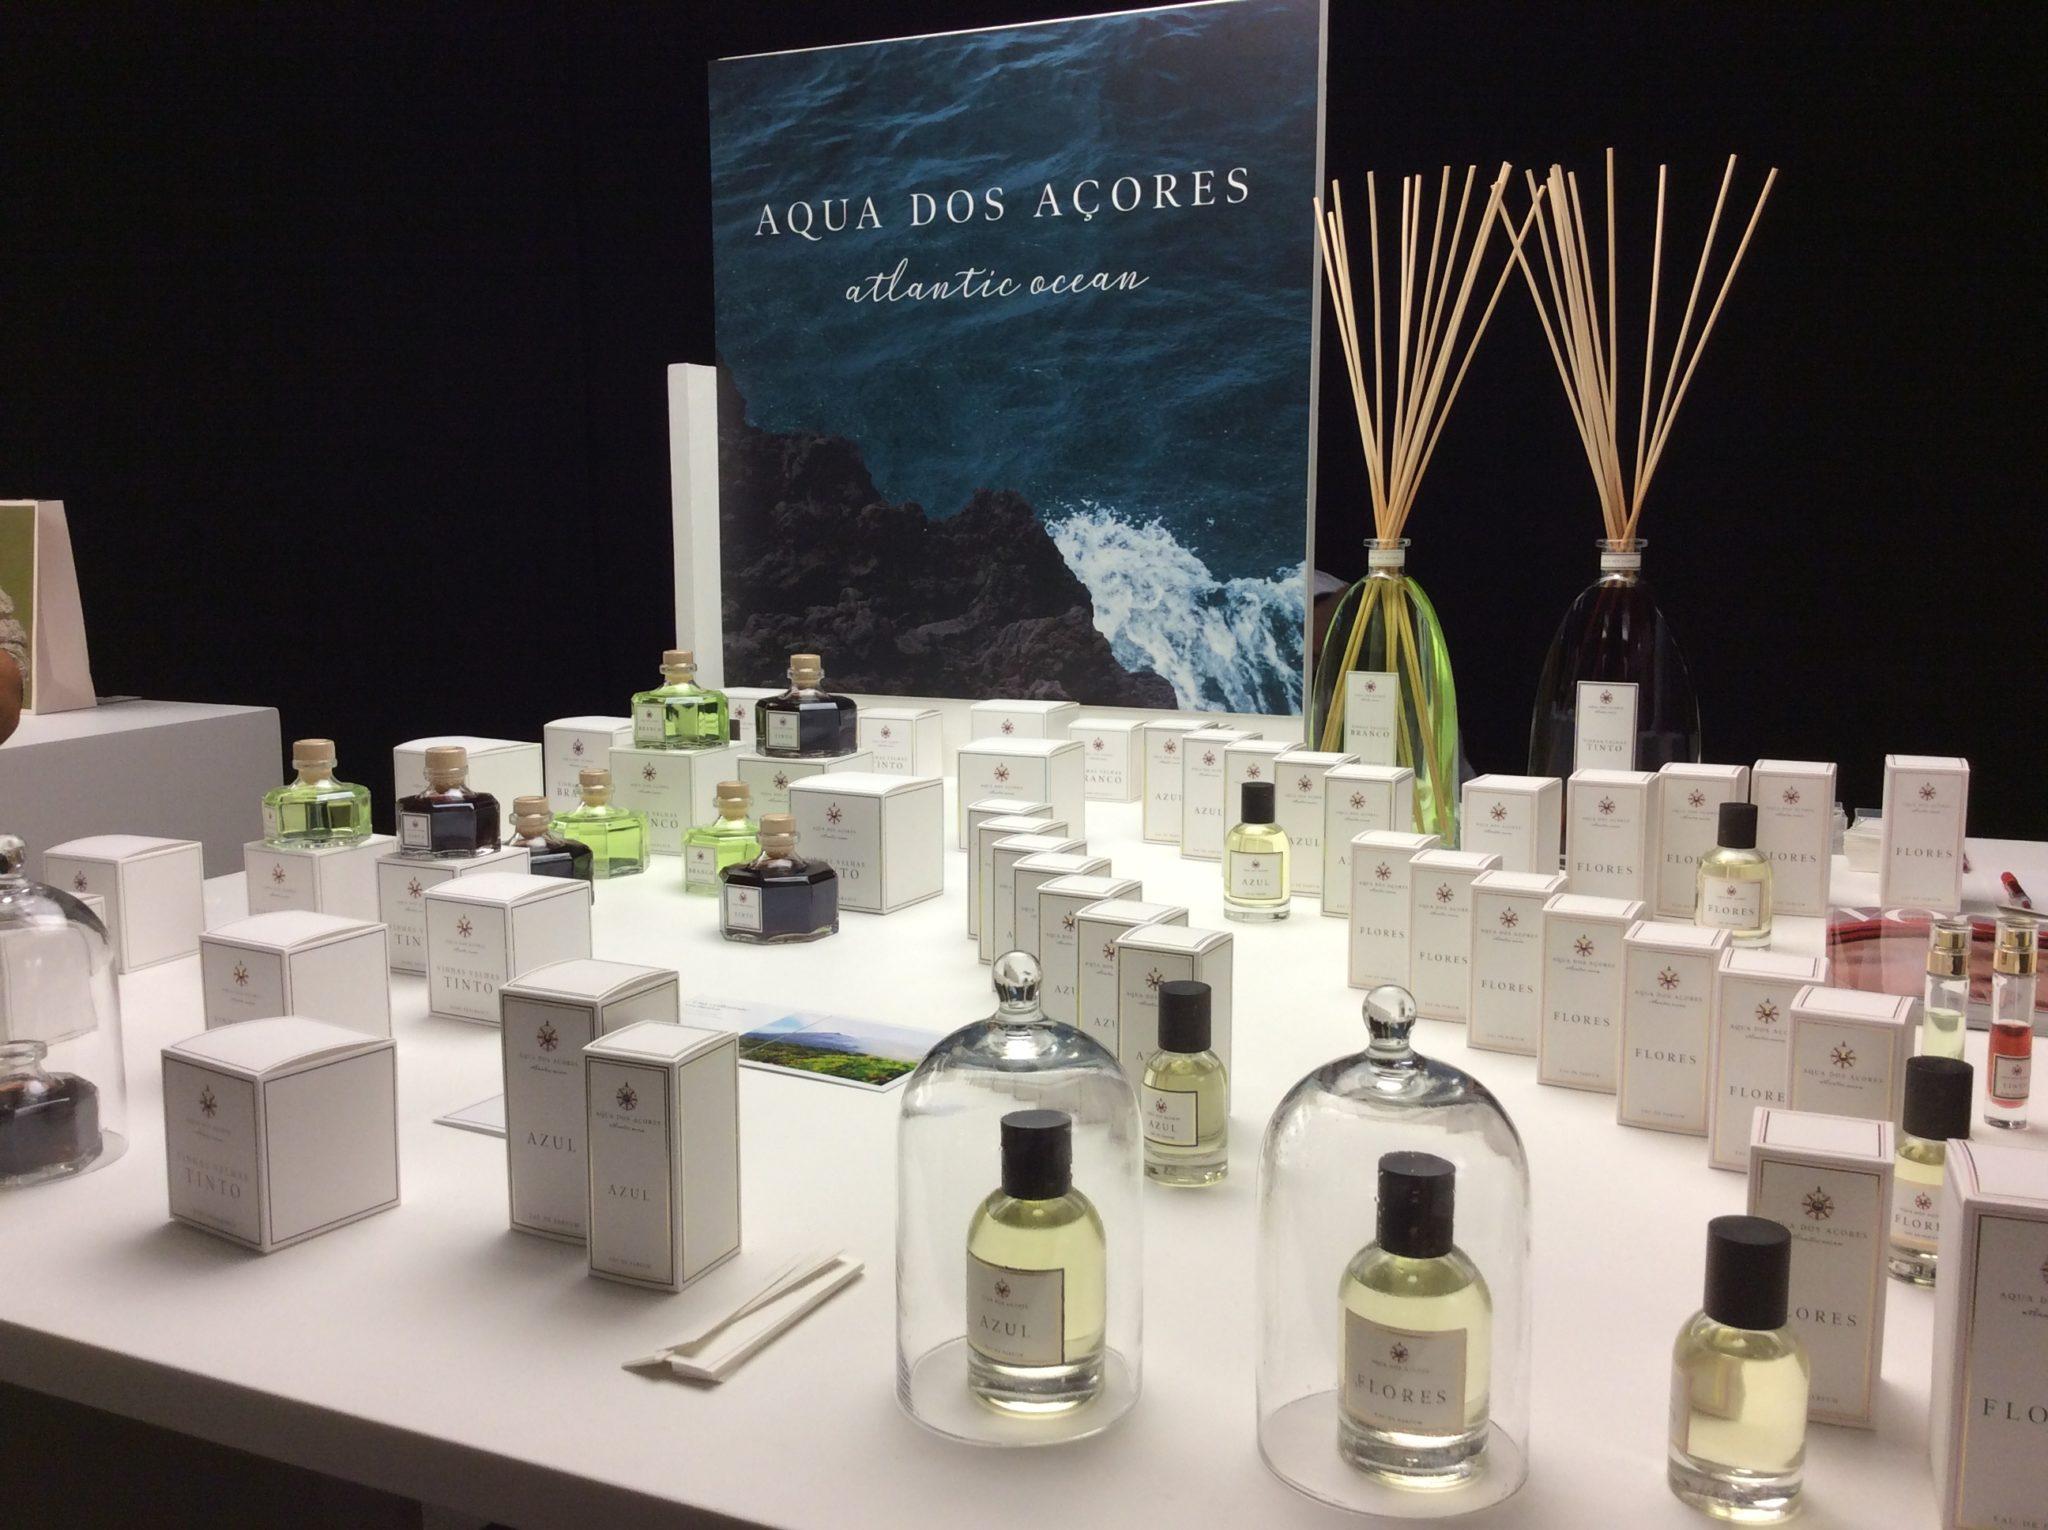 Aqua Dos Acores, linea di fragranze con essenze delle isole Azzorre, a Pitti Fragranze 2019